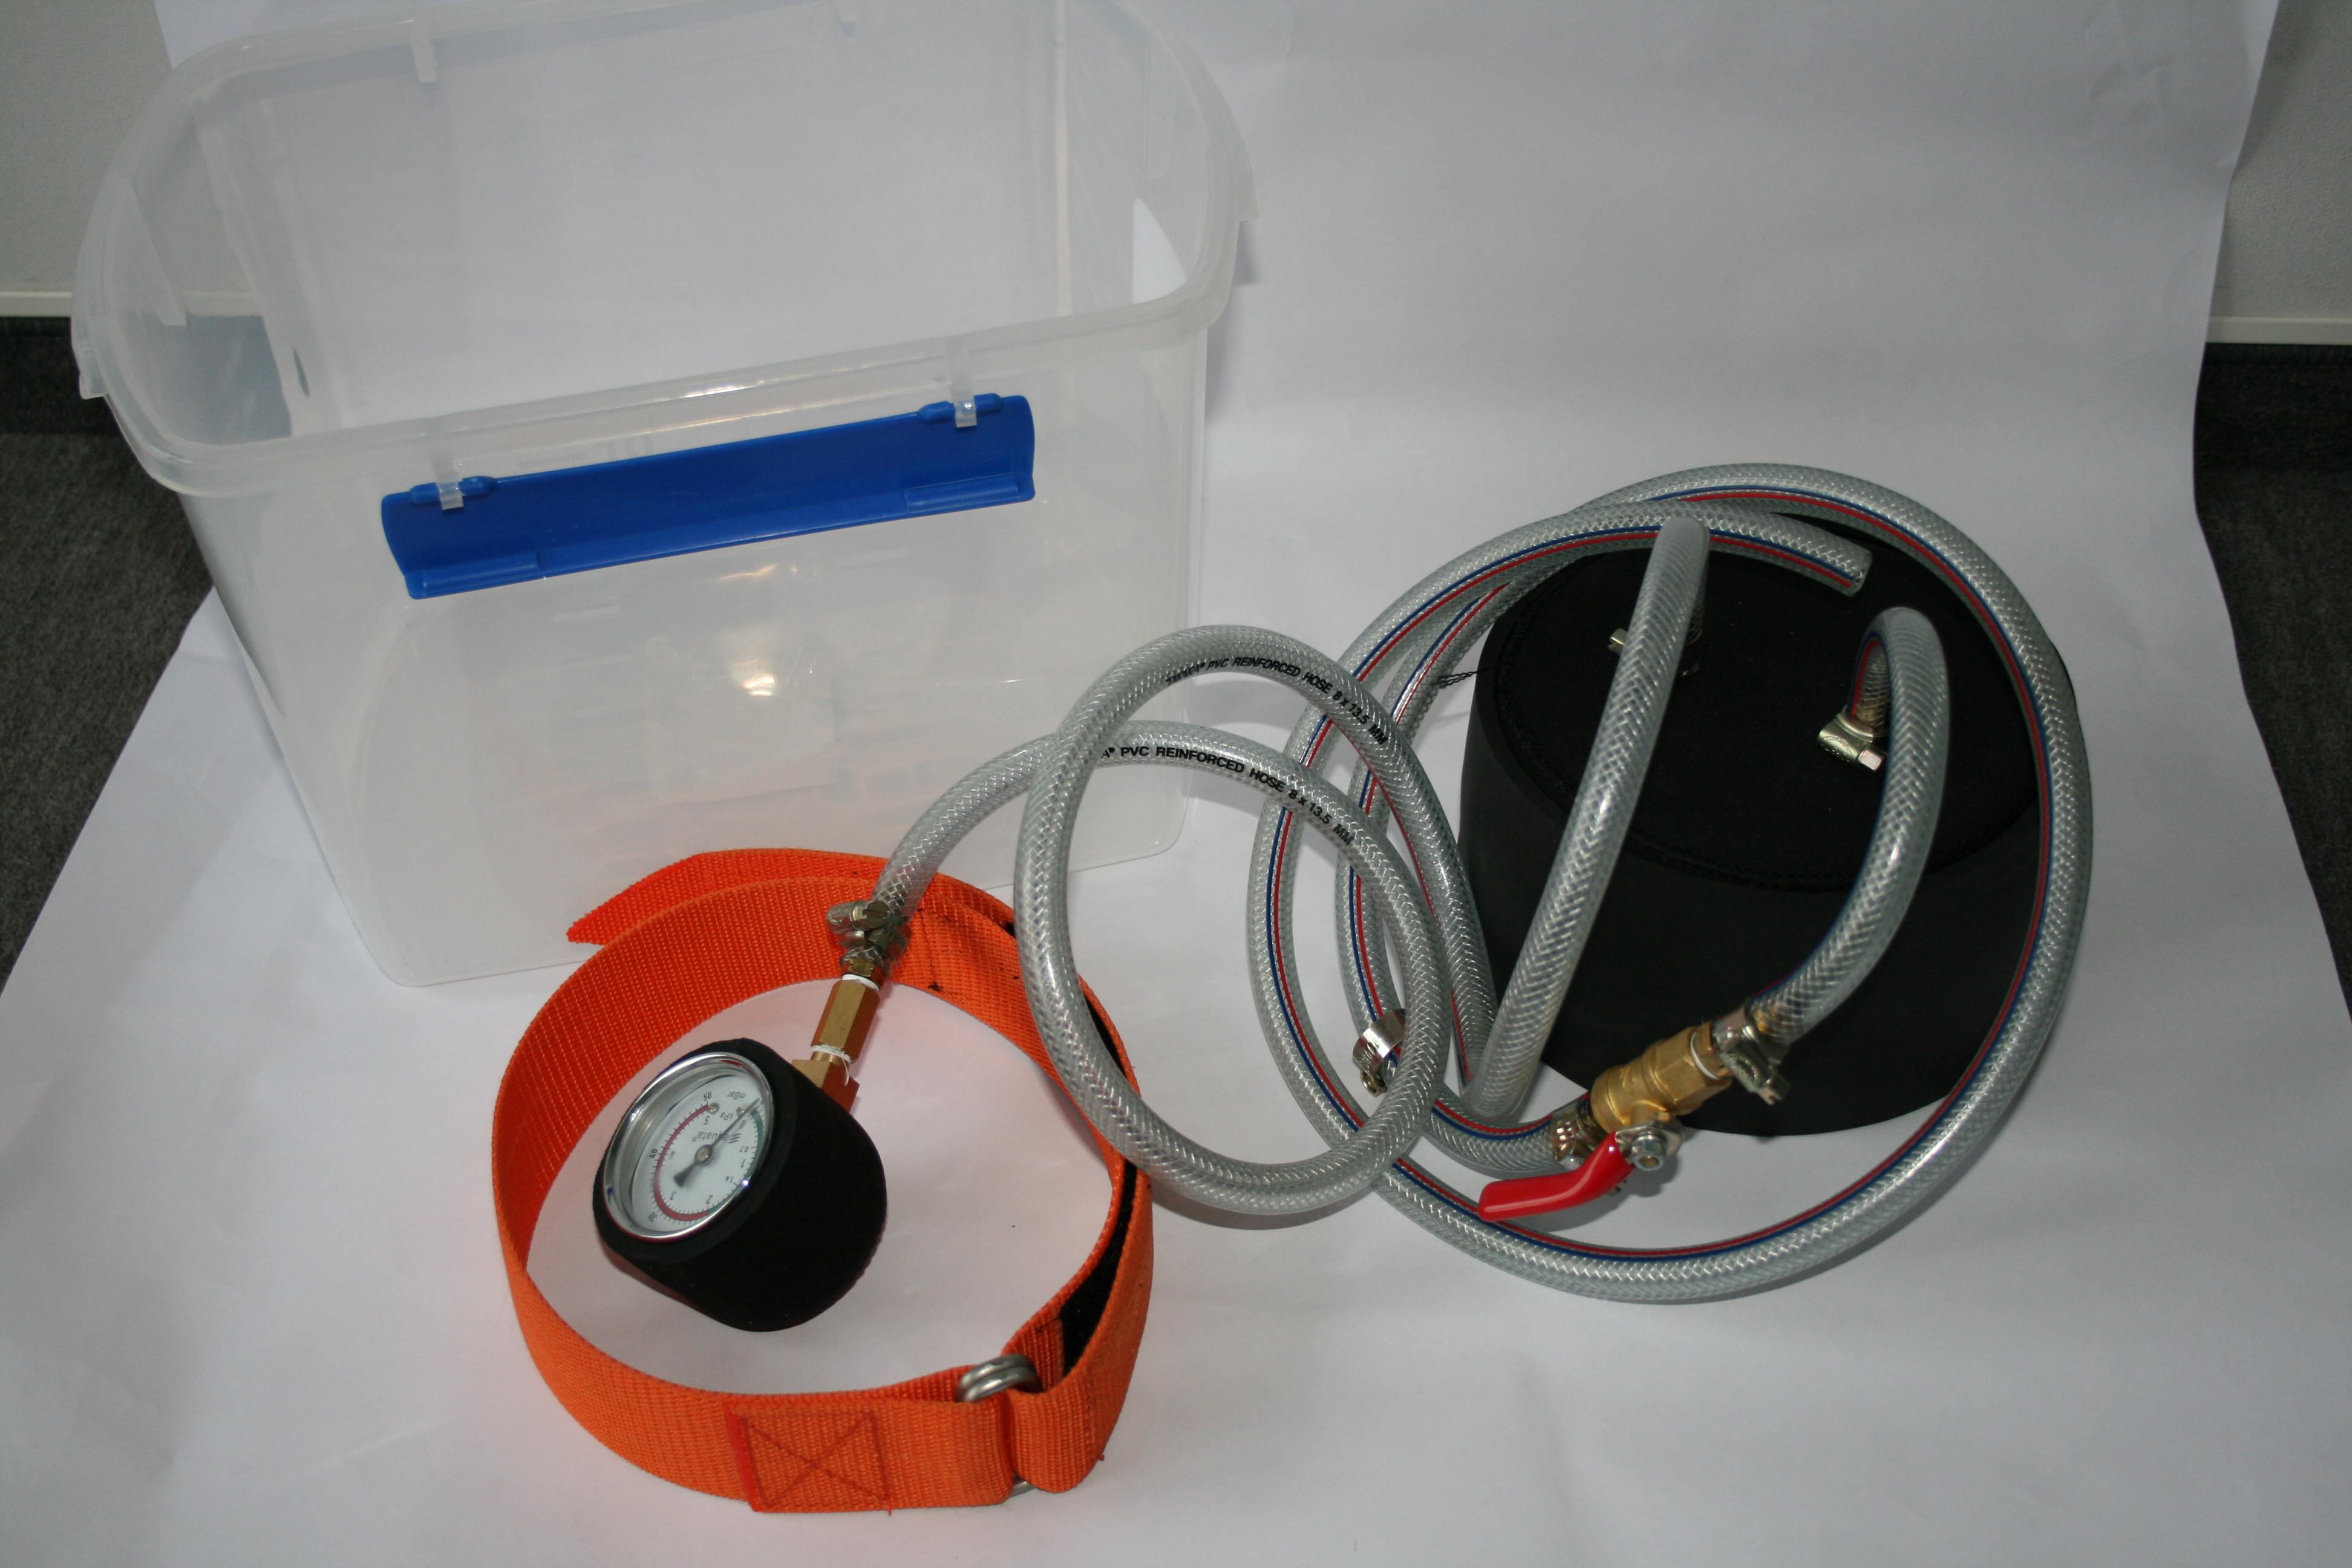 Drucktest Ausrüstung  für   Rettungsanzüge oder Anzüge ohne separates  Druckventil